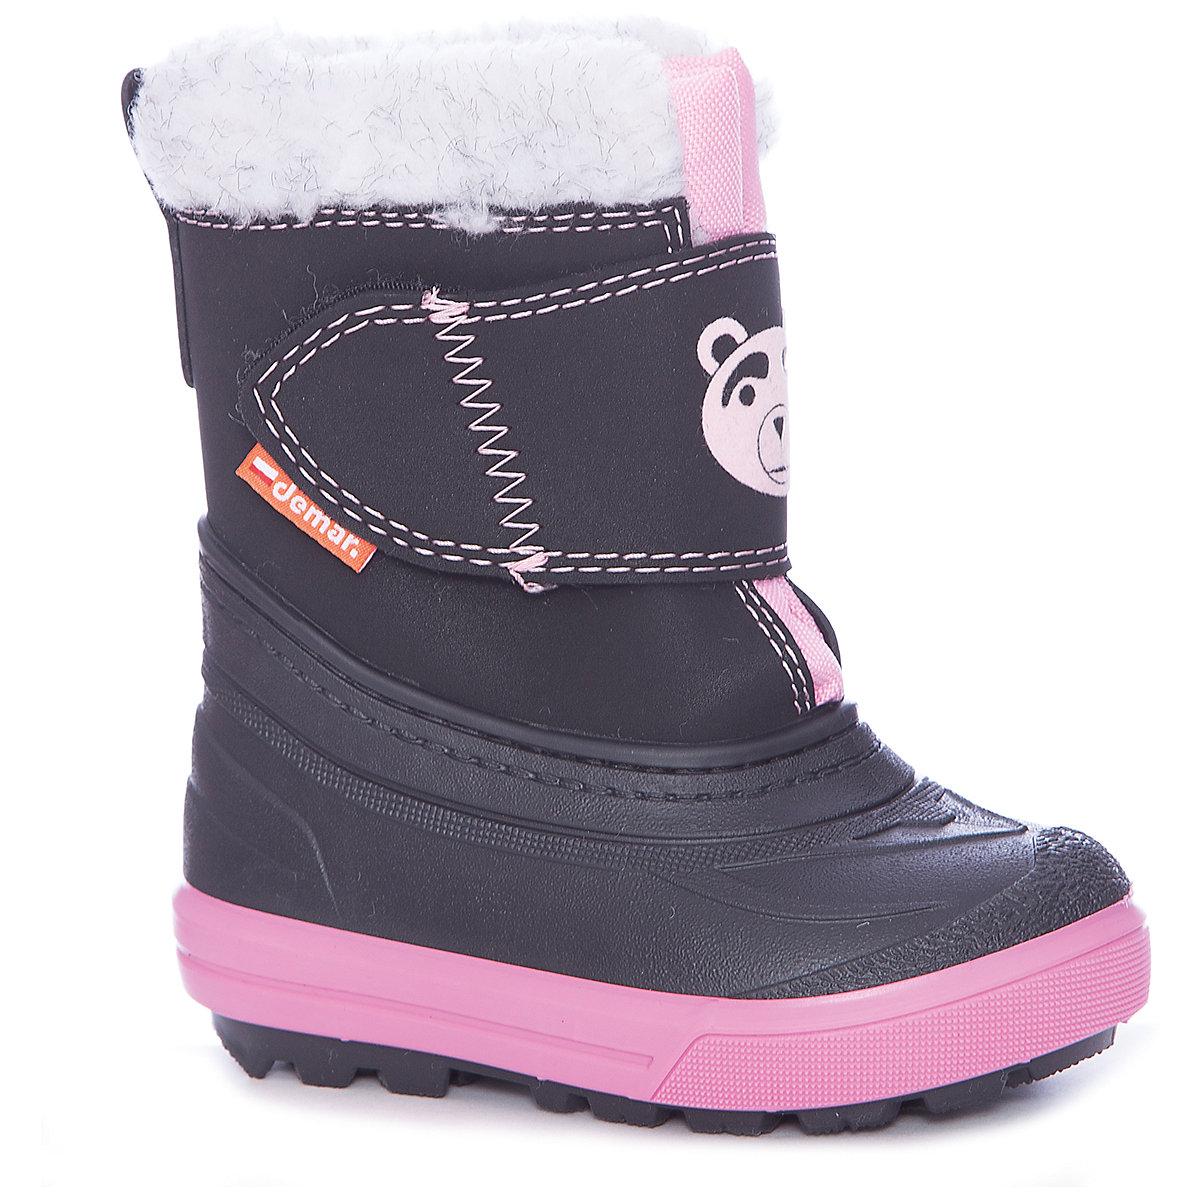 Stivali Demar per le ragazze 7134869 Valenki Uggi Capretti Del Bambino di Inverno Dei Bambini scarpe MTpromo